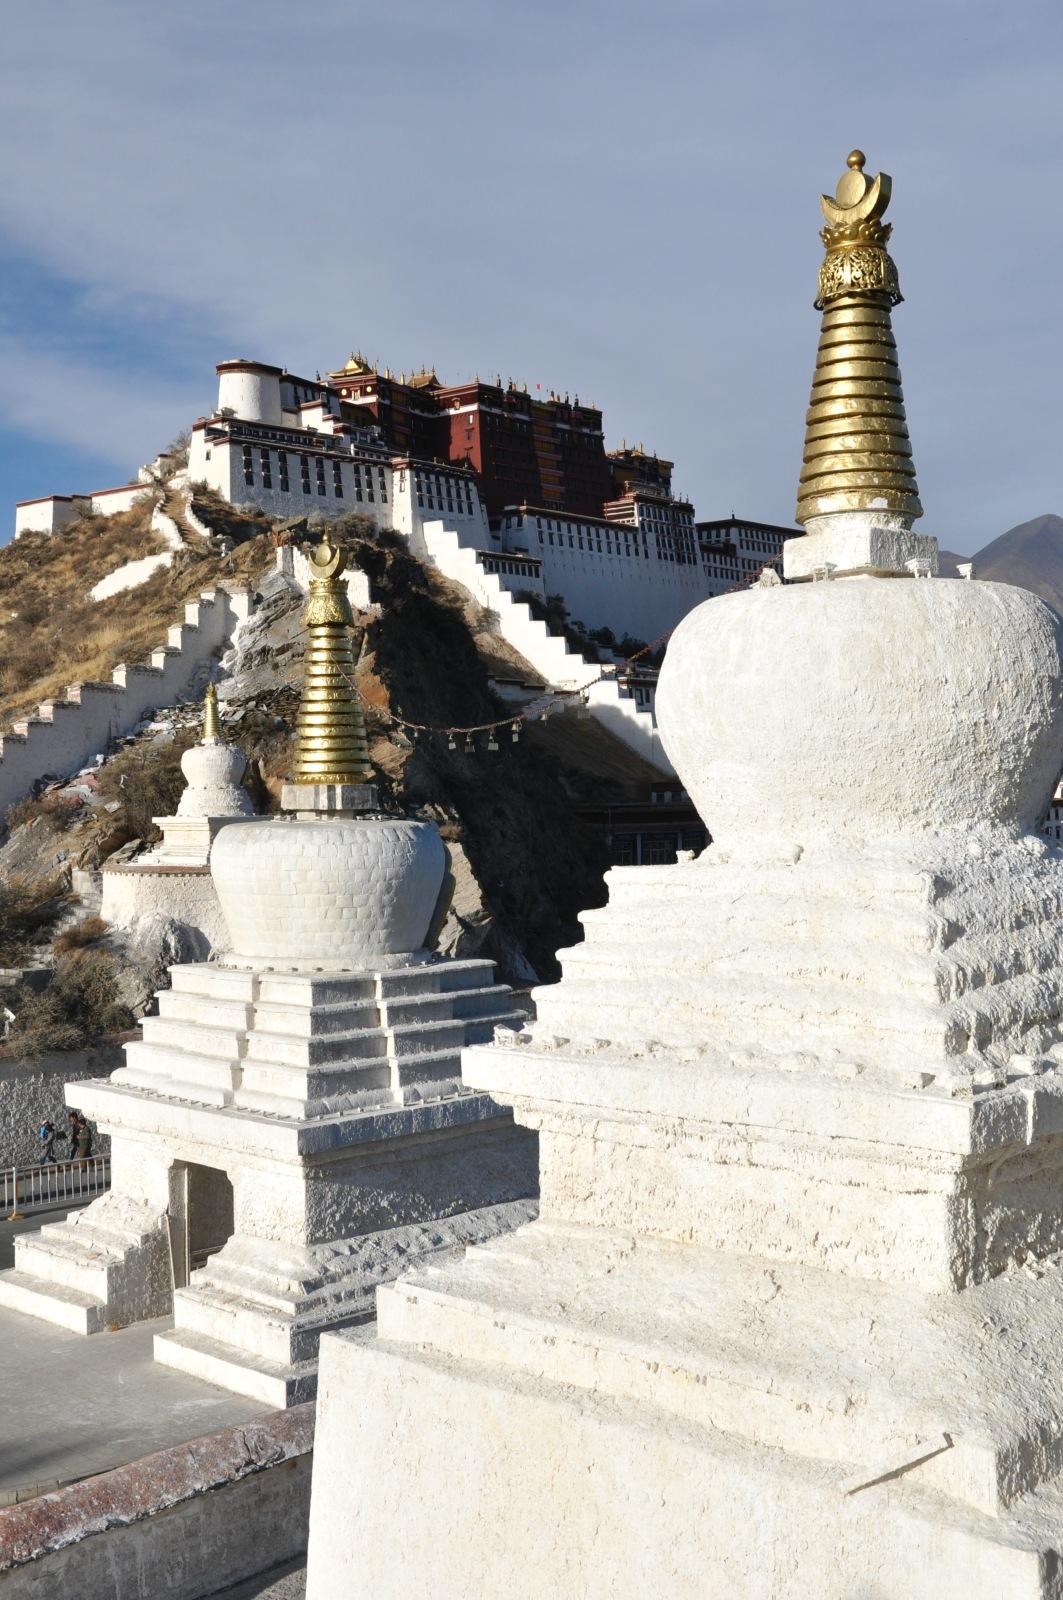 Yaowang (The King of Medicine) Mountain